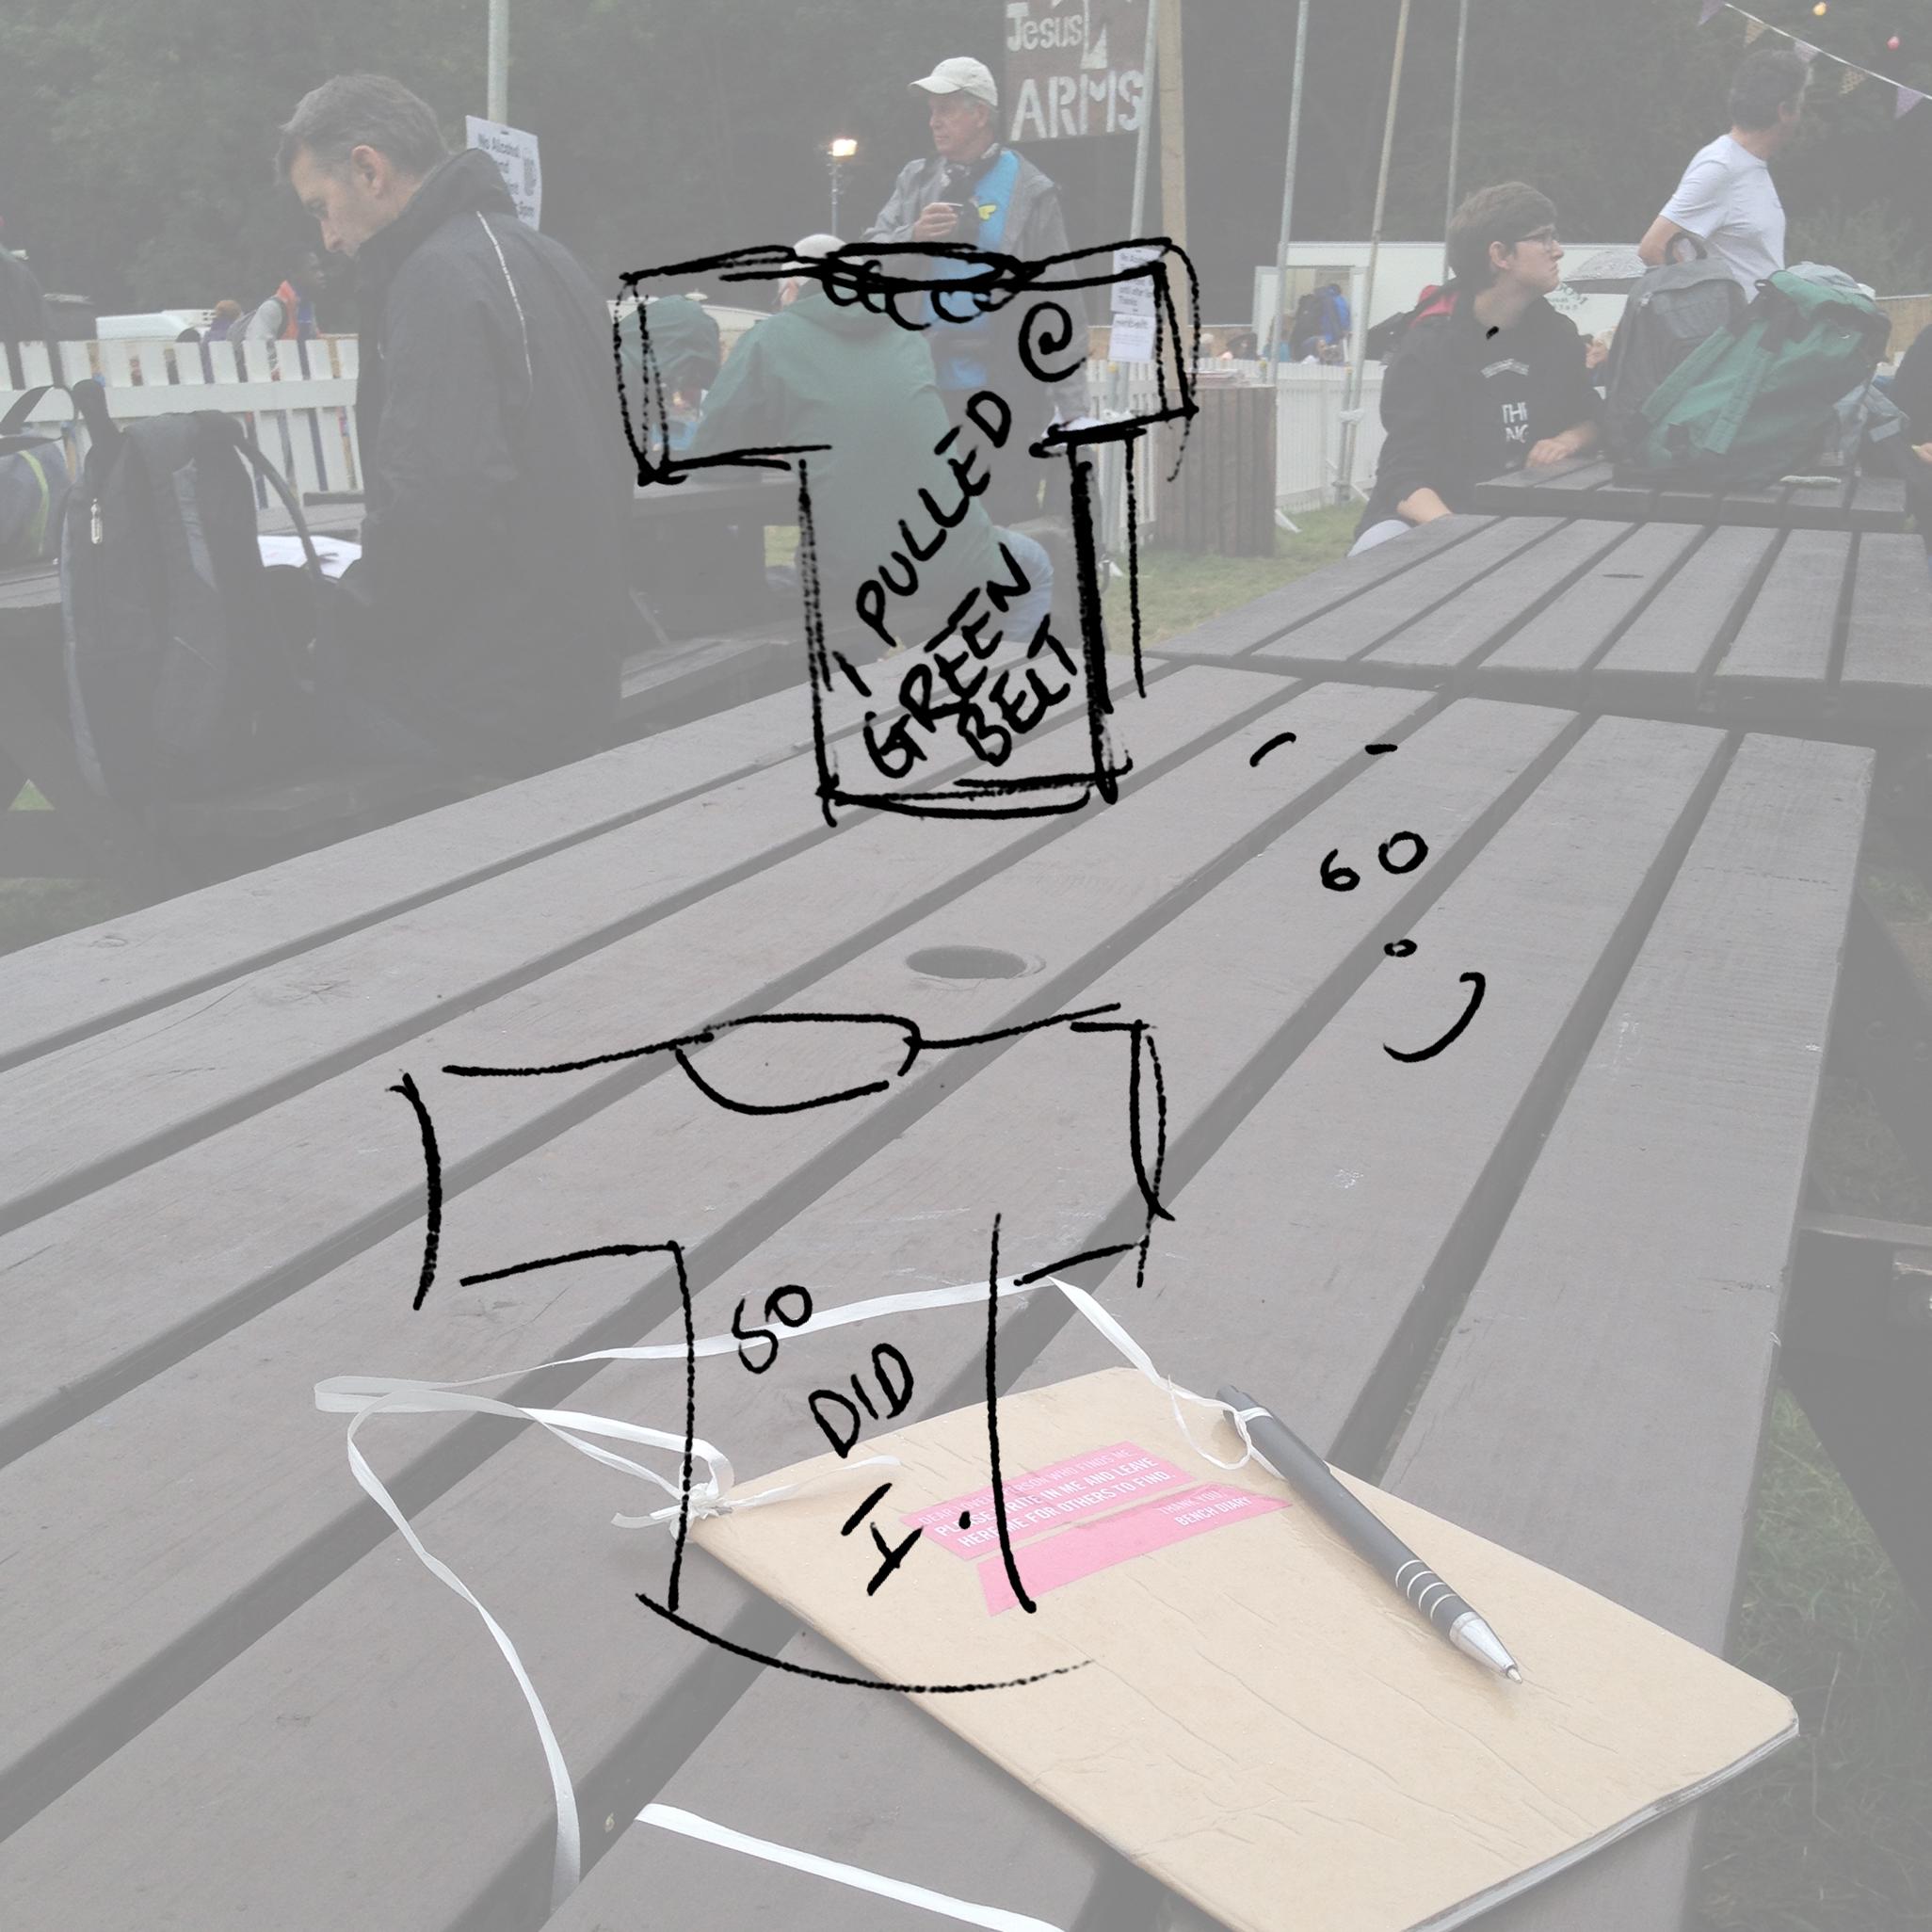 jesus arms 2 3.jpg